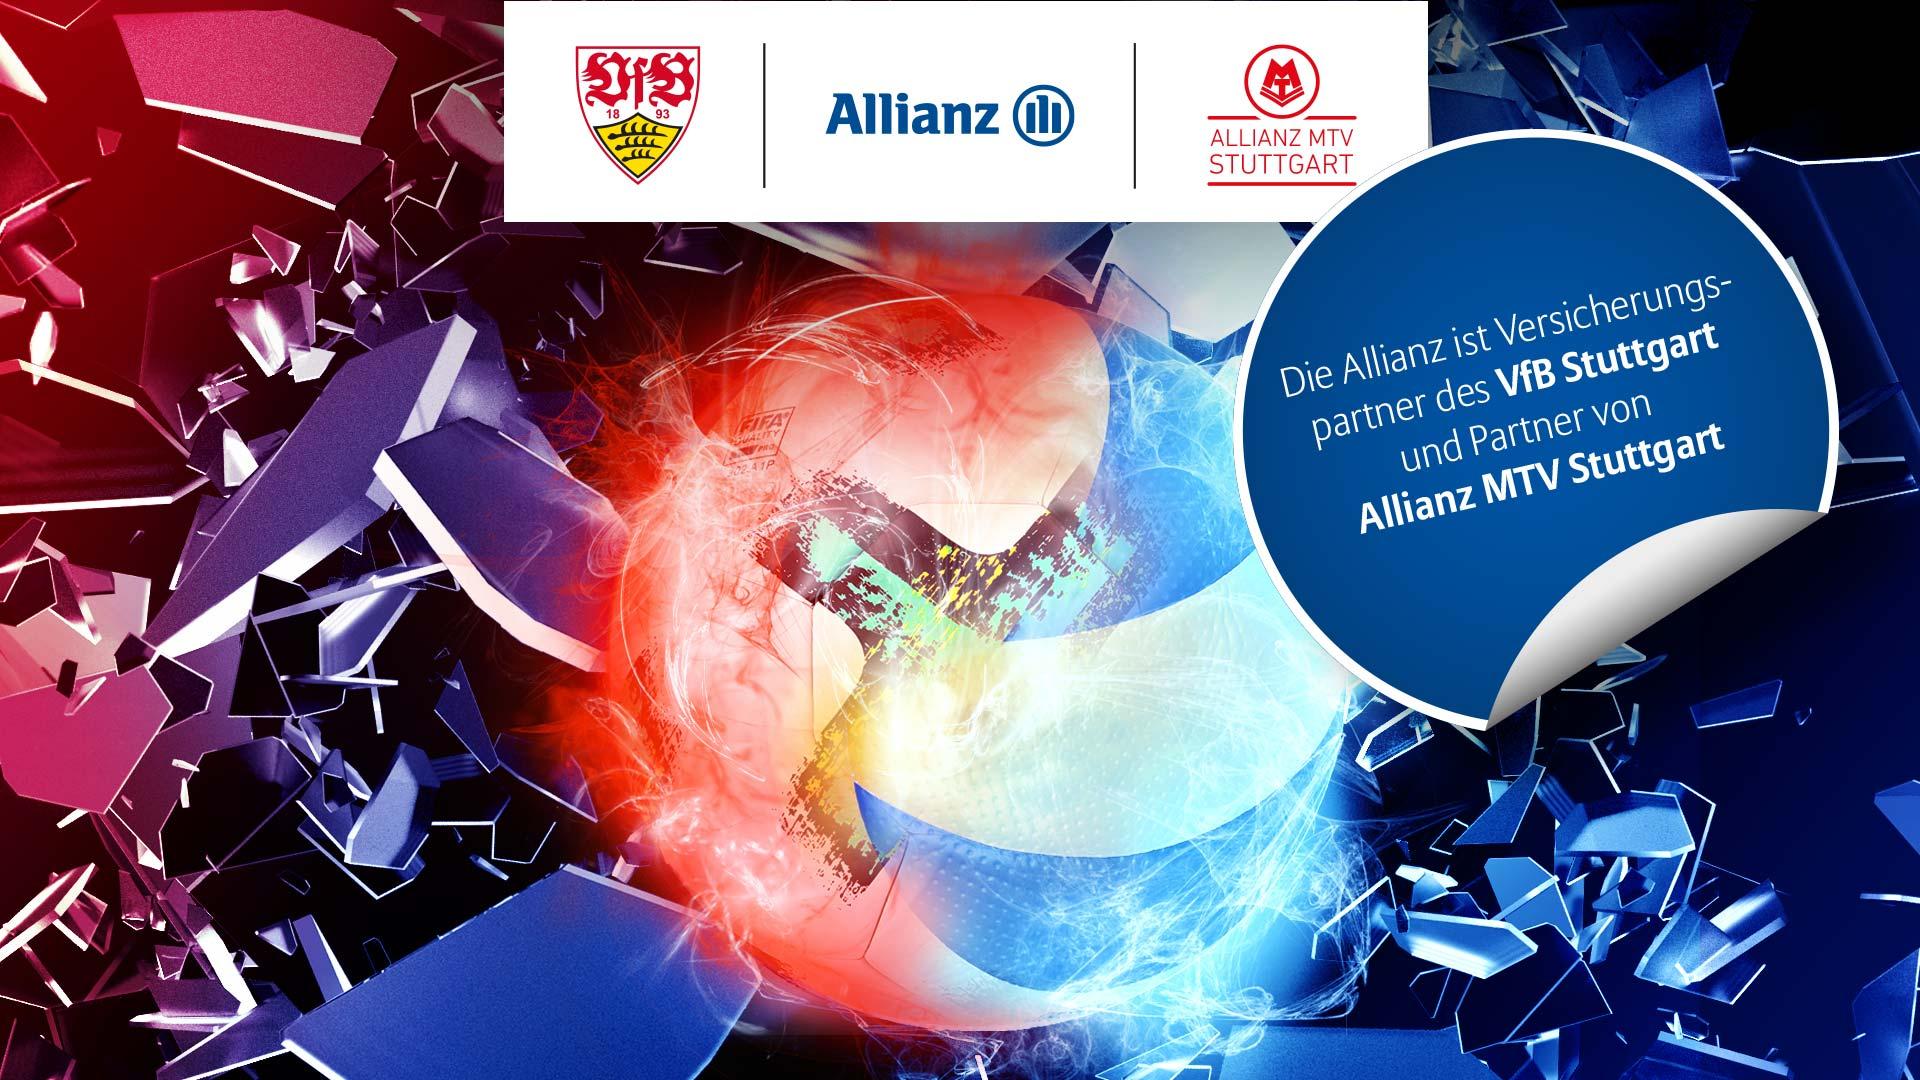 Verknüpfung der Allianz Sponsoringaktivierungen